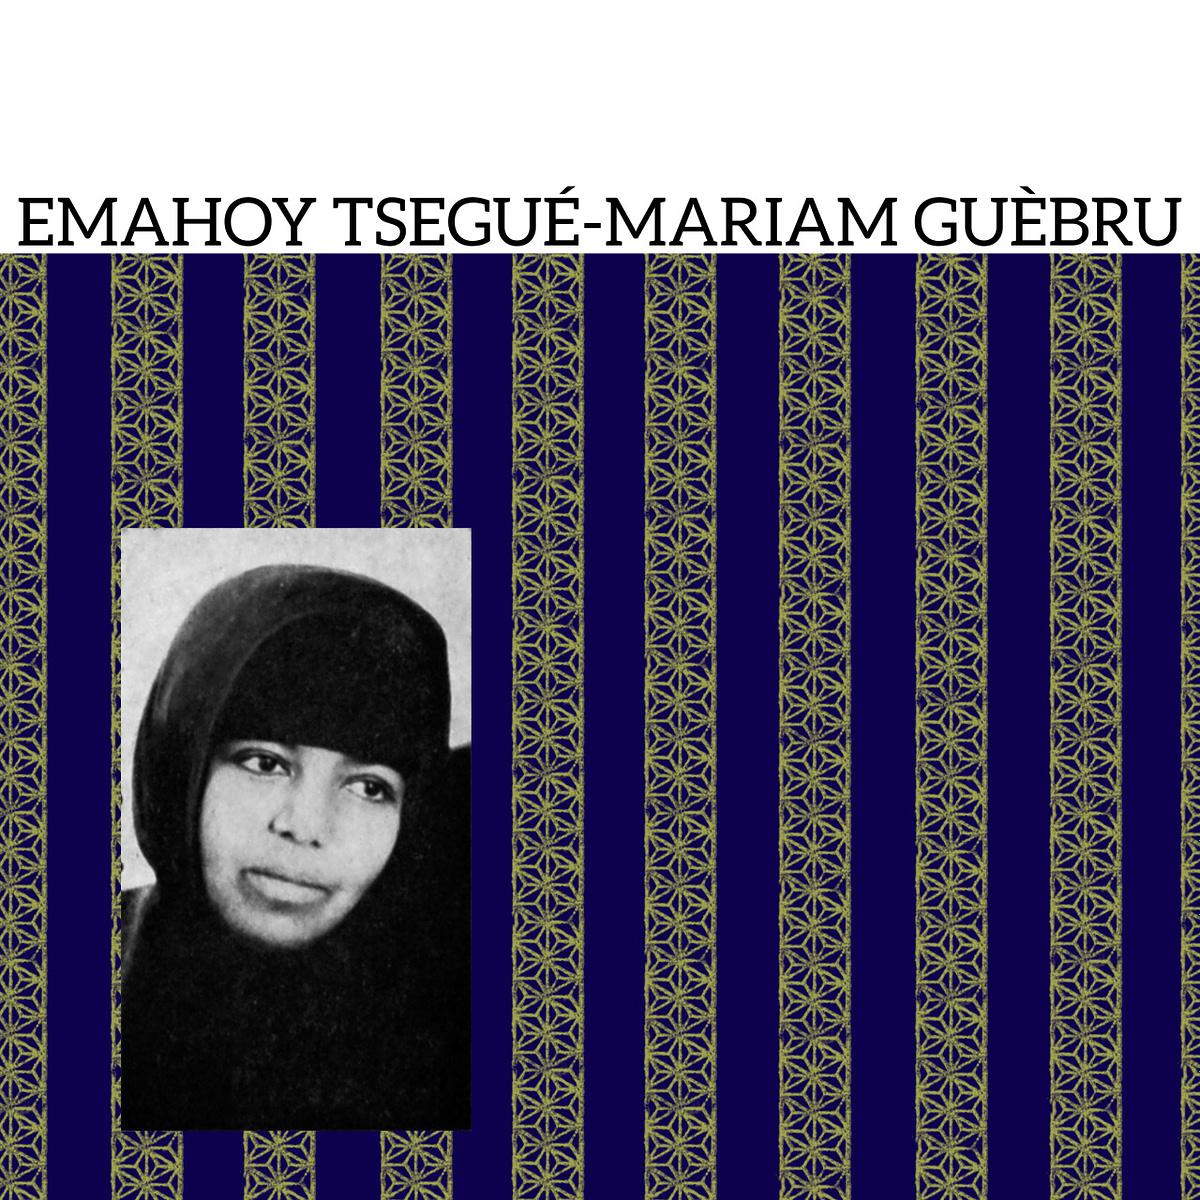 Сакральный одноименный альбом Эмахой Тцеге Мариам Гебру был впервые переиздан на виниле